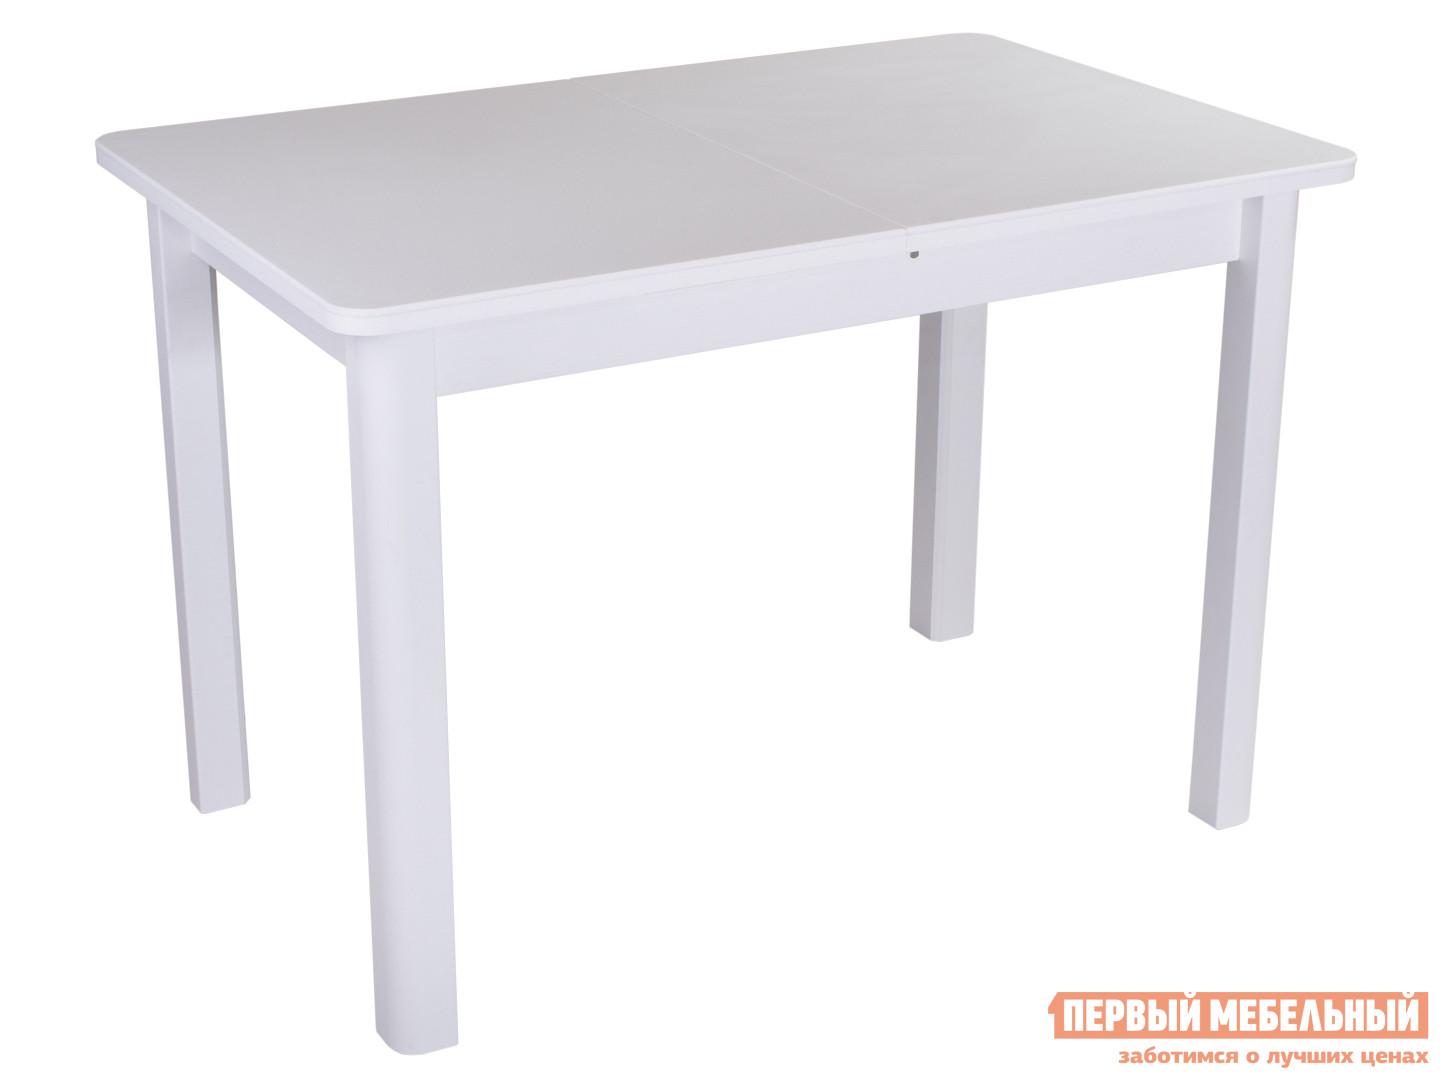 Обеденный стол Домотека Обеденный стол Румба ПР КМ, ПР-1 КМ